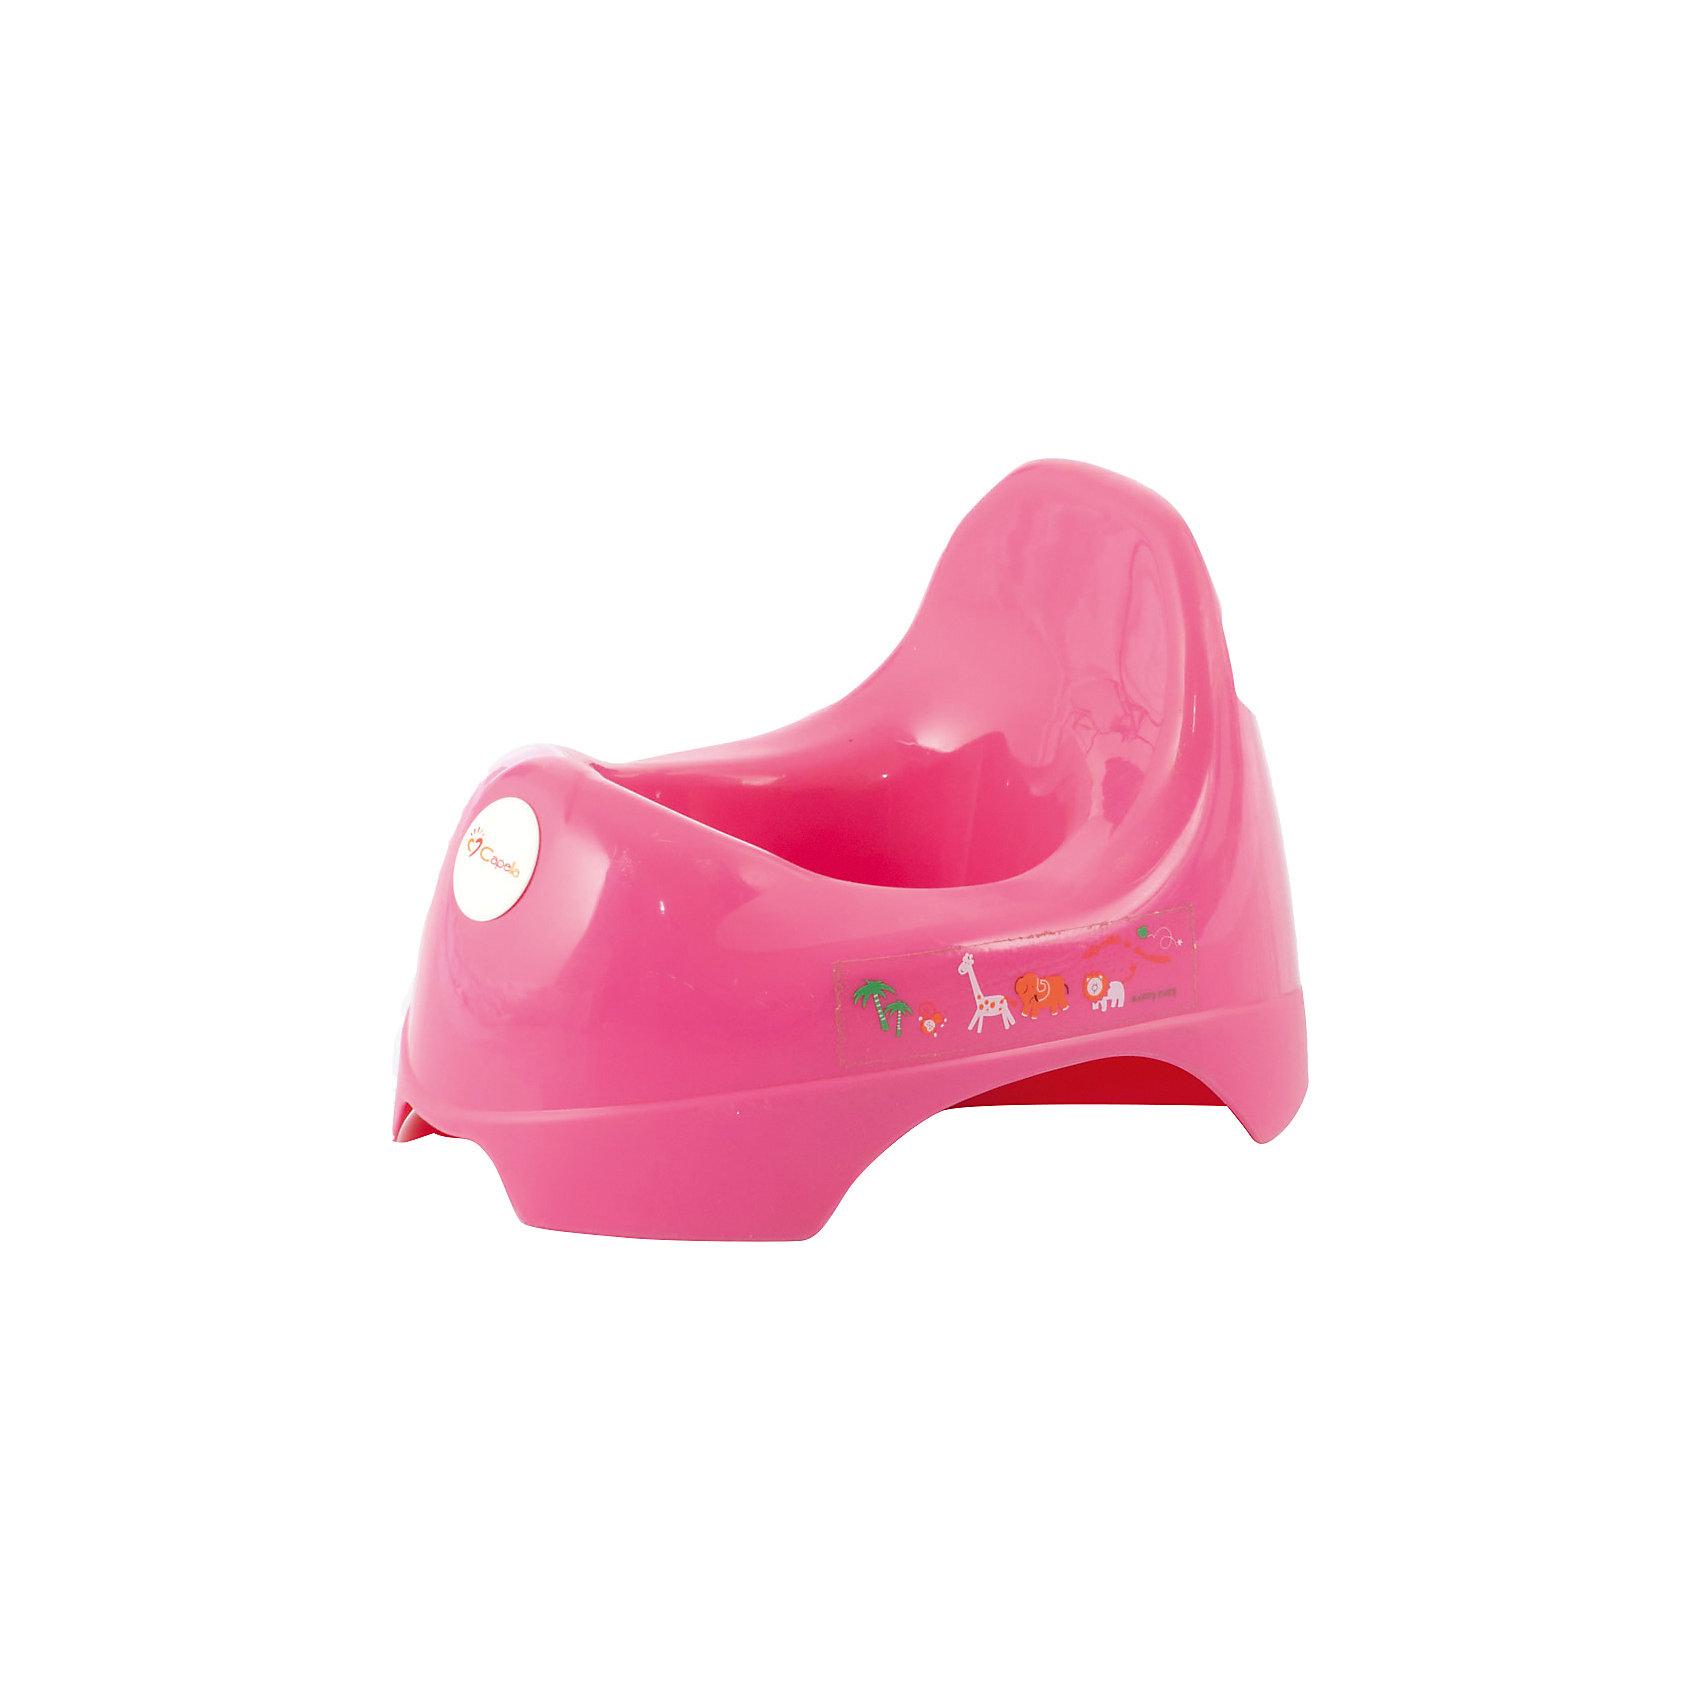 Горшок анатомический  JBB-A, Baby Care, розовый